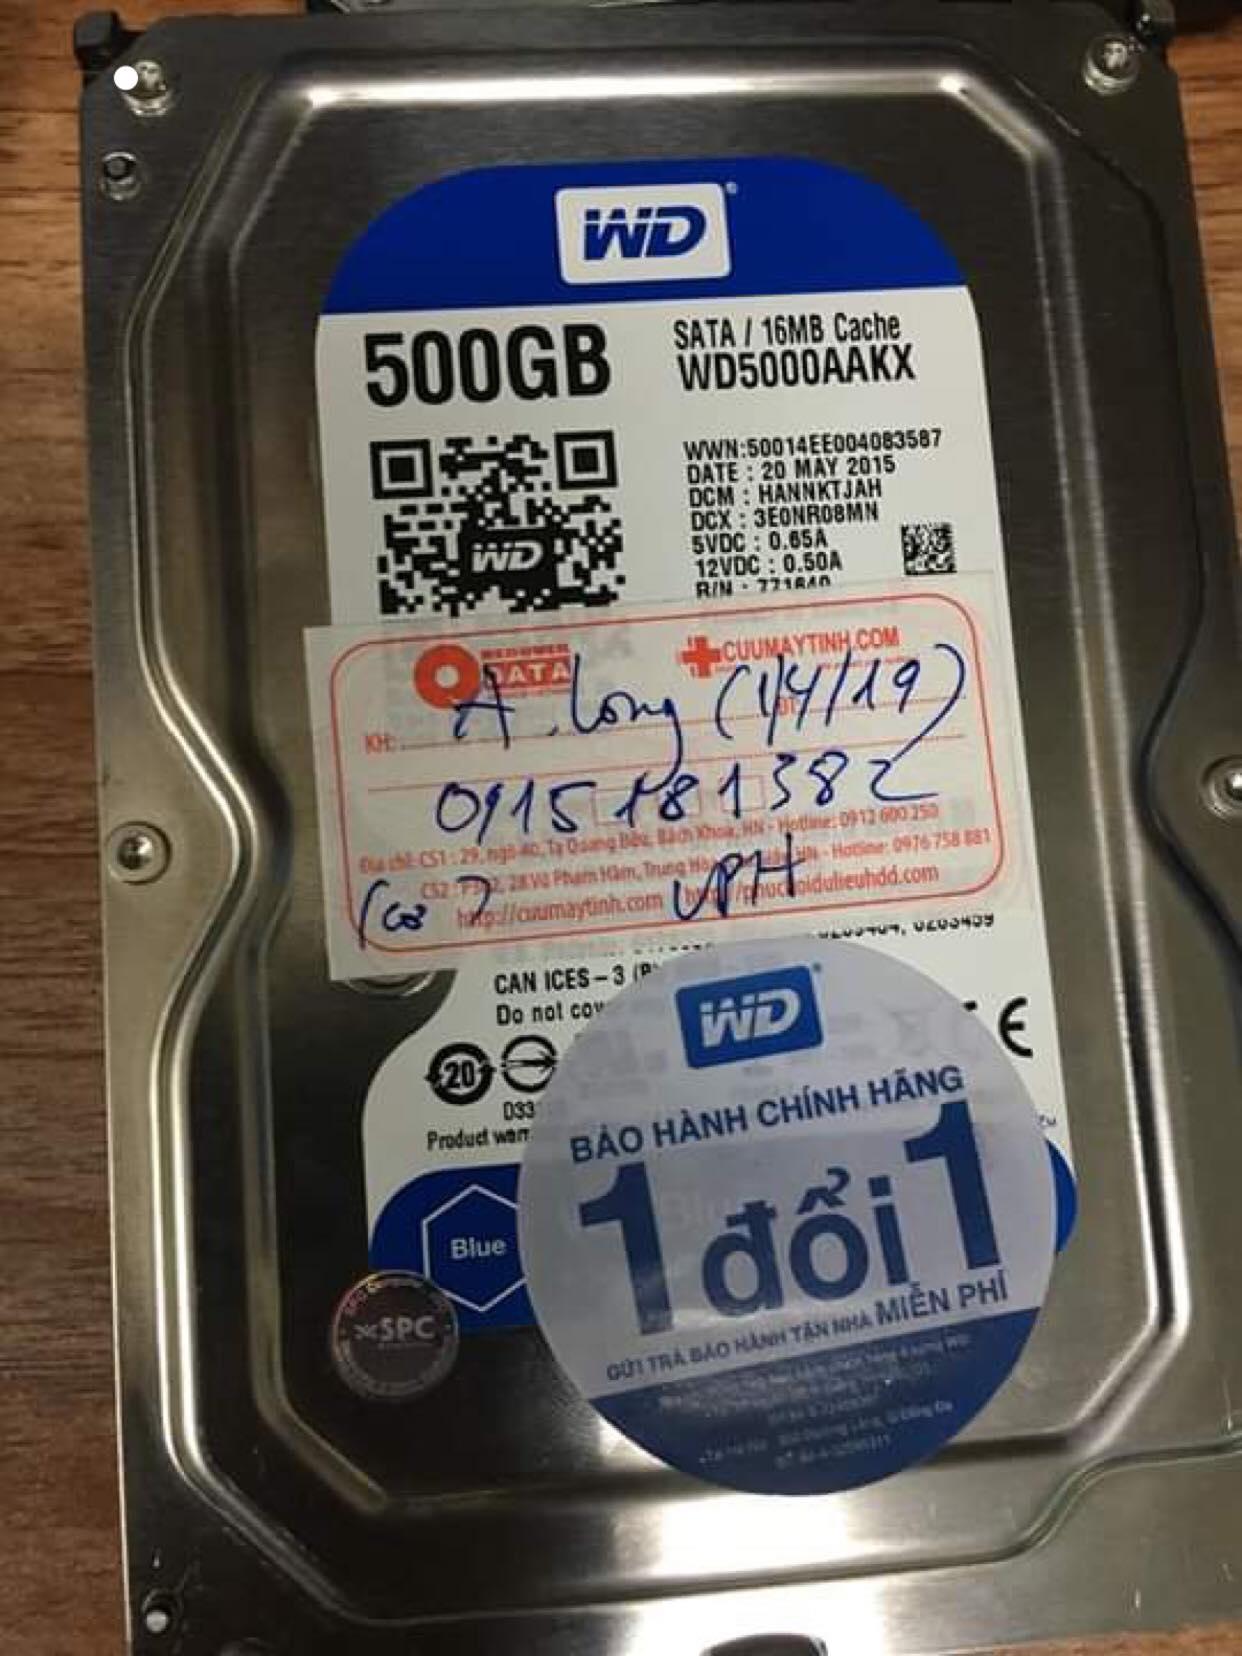 Phục hồi dữ liệu ổ cứng Western 500GB bó cơ 05/04/2019 - cuumaytinh